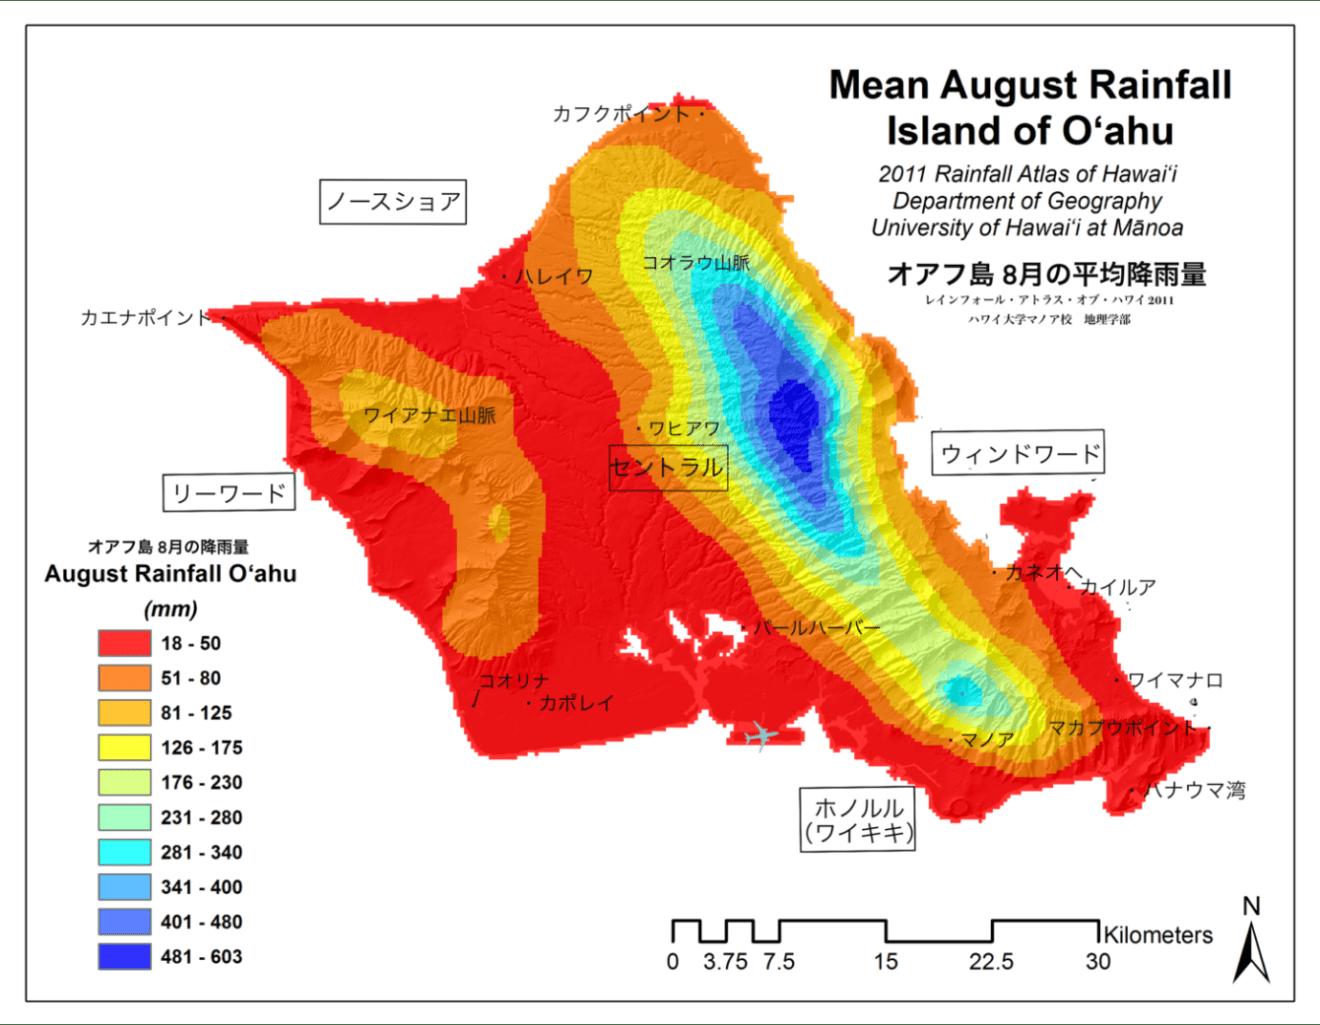 オアフ島 8月の平均降雨量